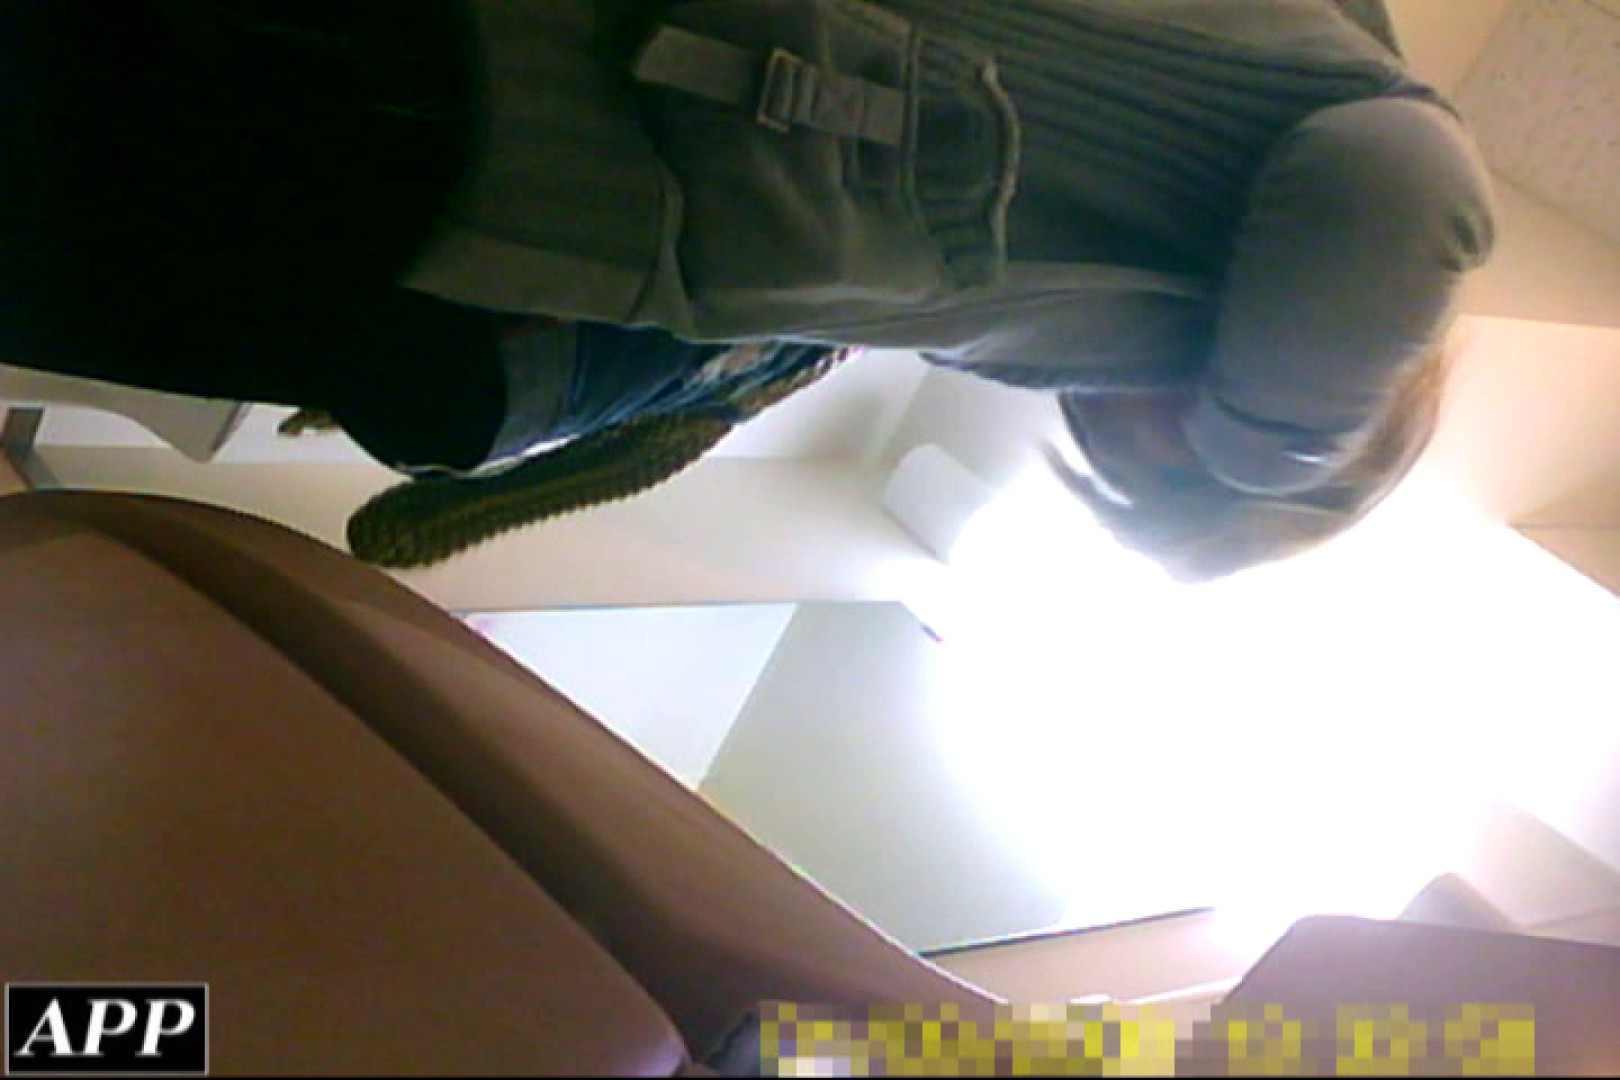 3視点洗面所 vol.017 OLセックス  85画像 48